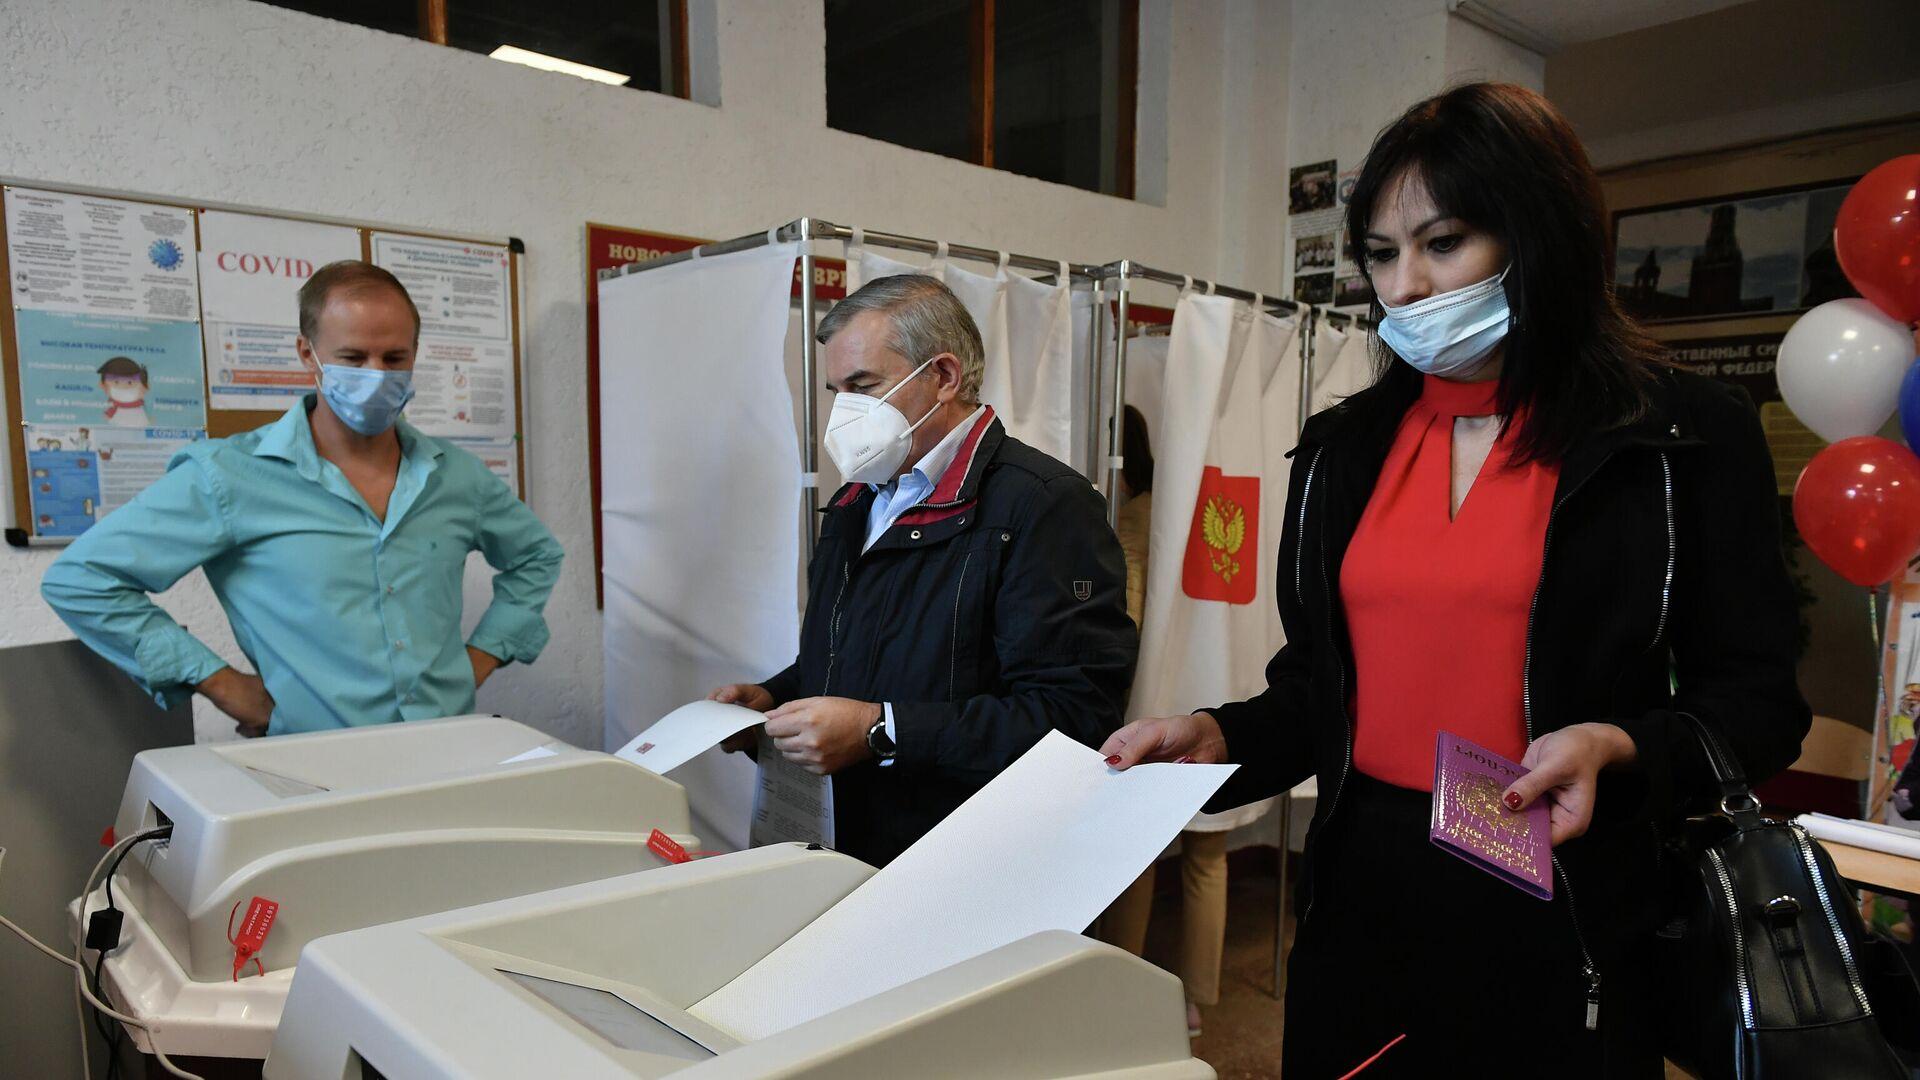 Жители голосуют на избирательном участке в Симферополе - РИА Новости, 1920, 18.09.2021